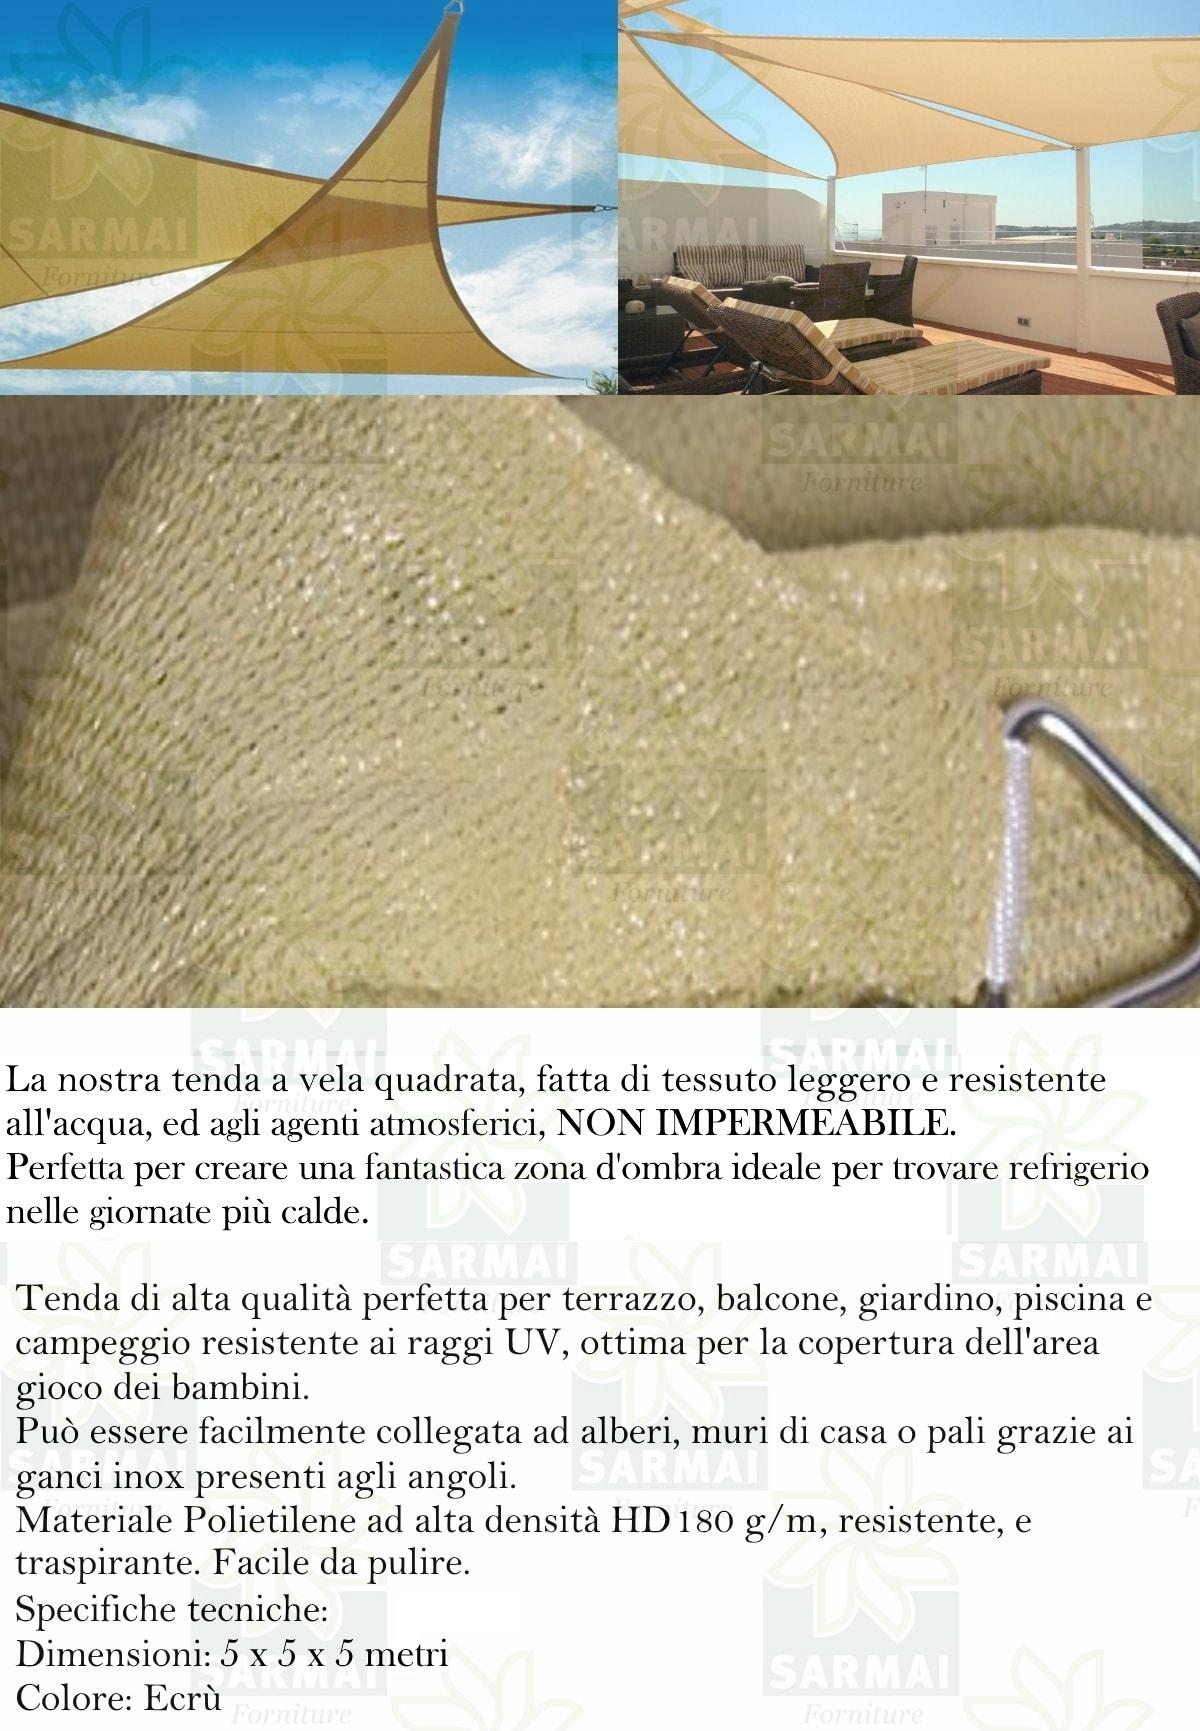 Vela Triangolare Da Giardino tenda da sole telo ombreggiante vela triangolare ecrù beige 5 x 5 x 5 m